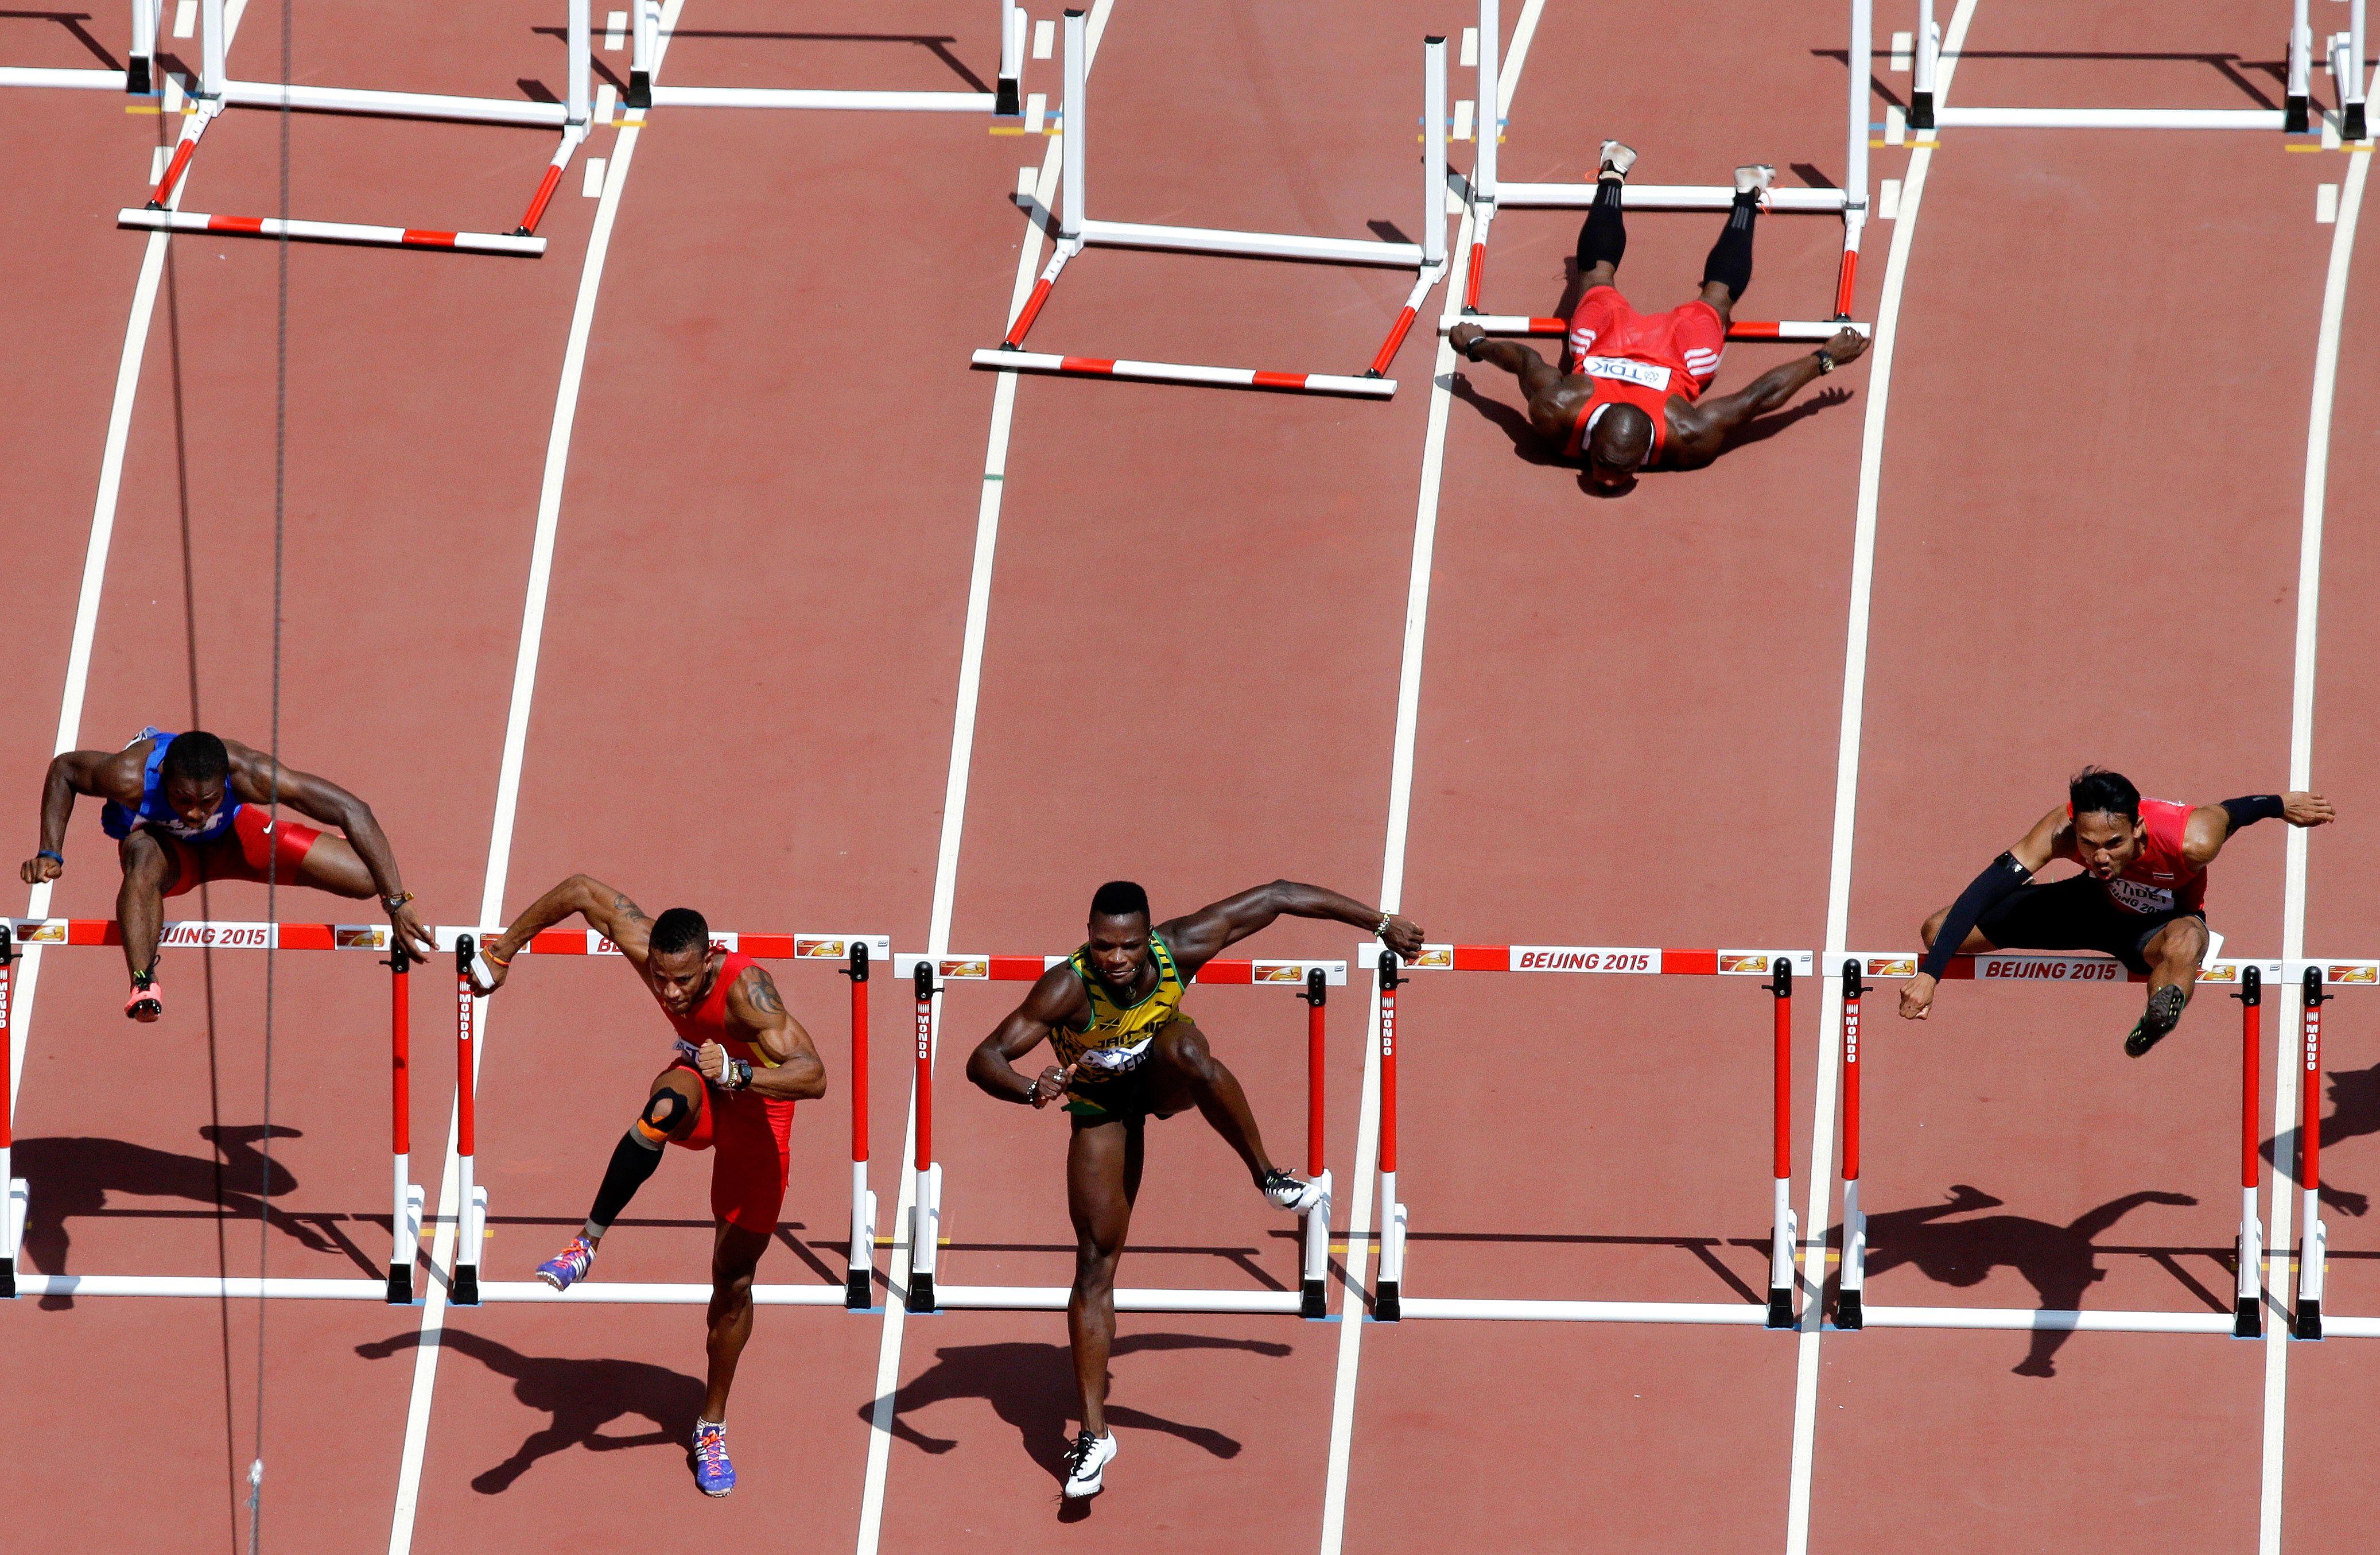 Mikel Thomas falls behind